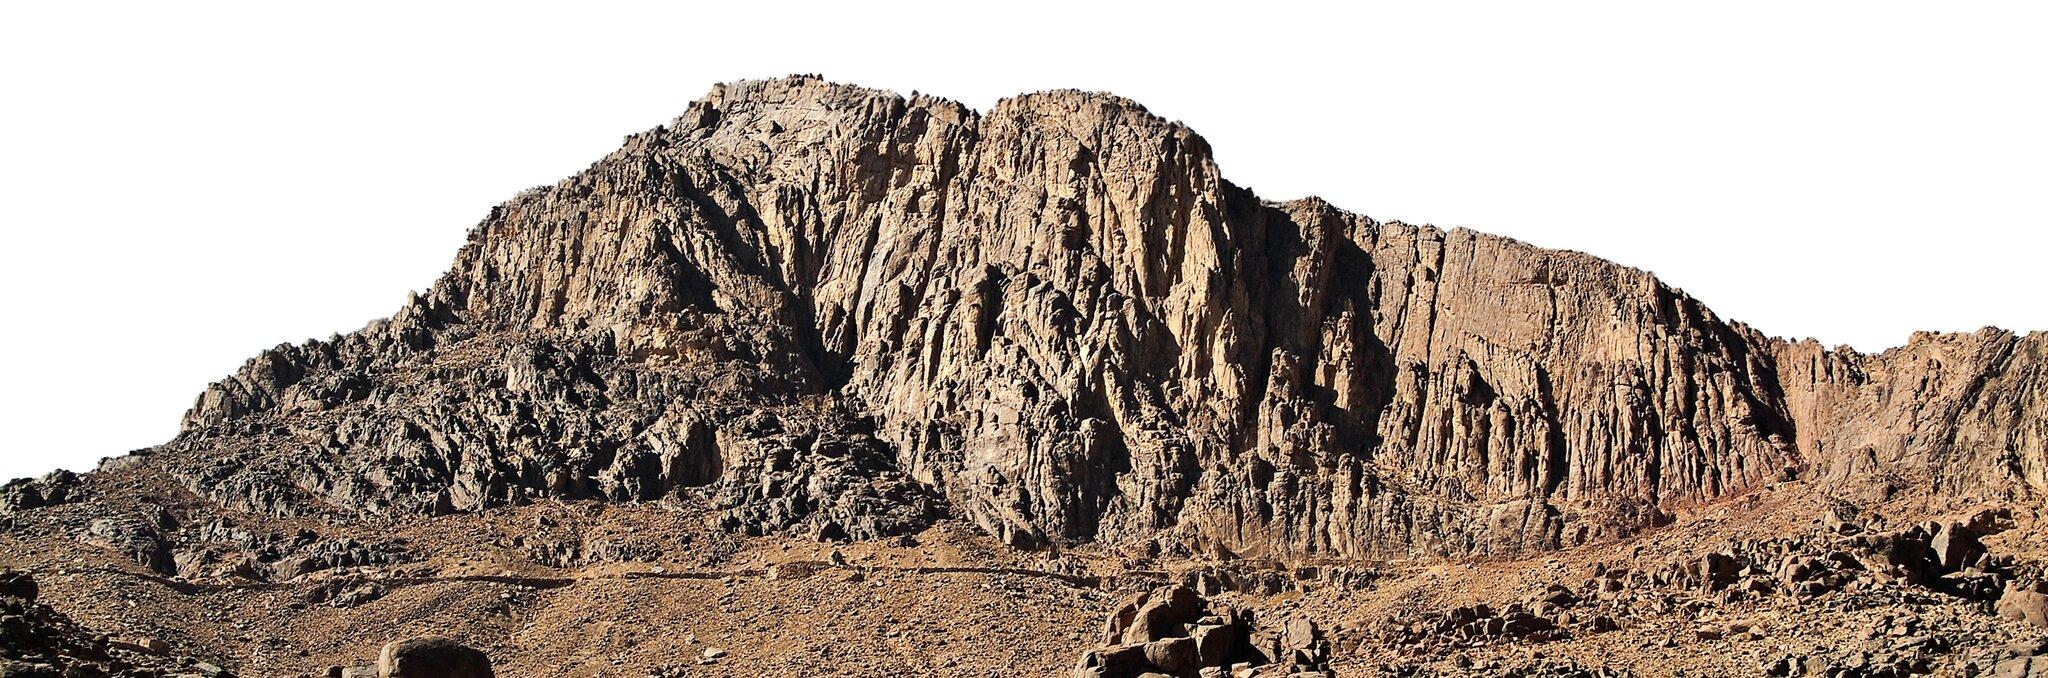 Góra Synaj, na której Jahwe przekazał Mojżeszowi dekalog Góra Synaj, na której Jahwe przekazał Mojżeszowi dekalog Źródło: Studio31, Wikimedia Commons, licencja: CC BY-SA 3.0.